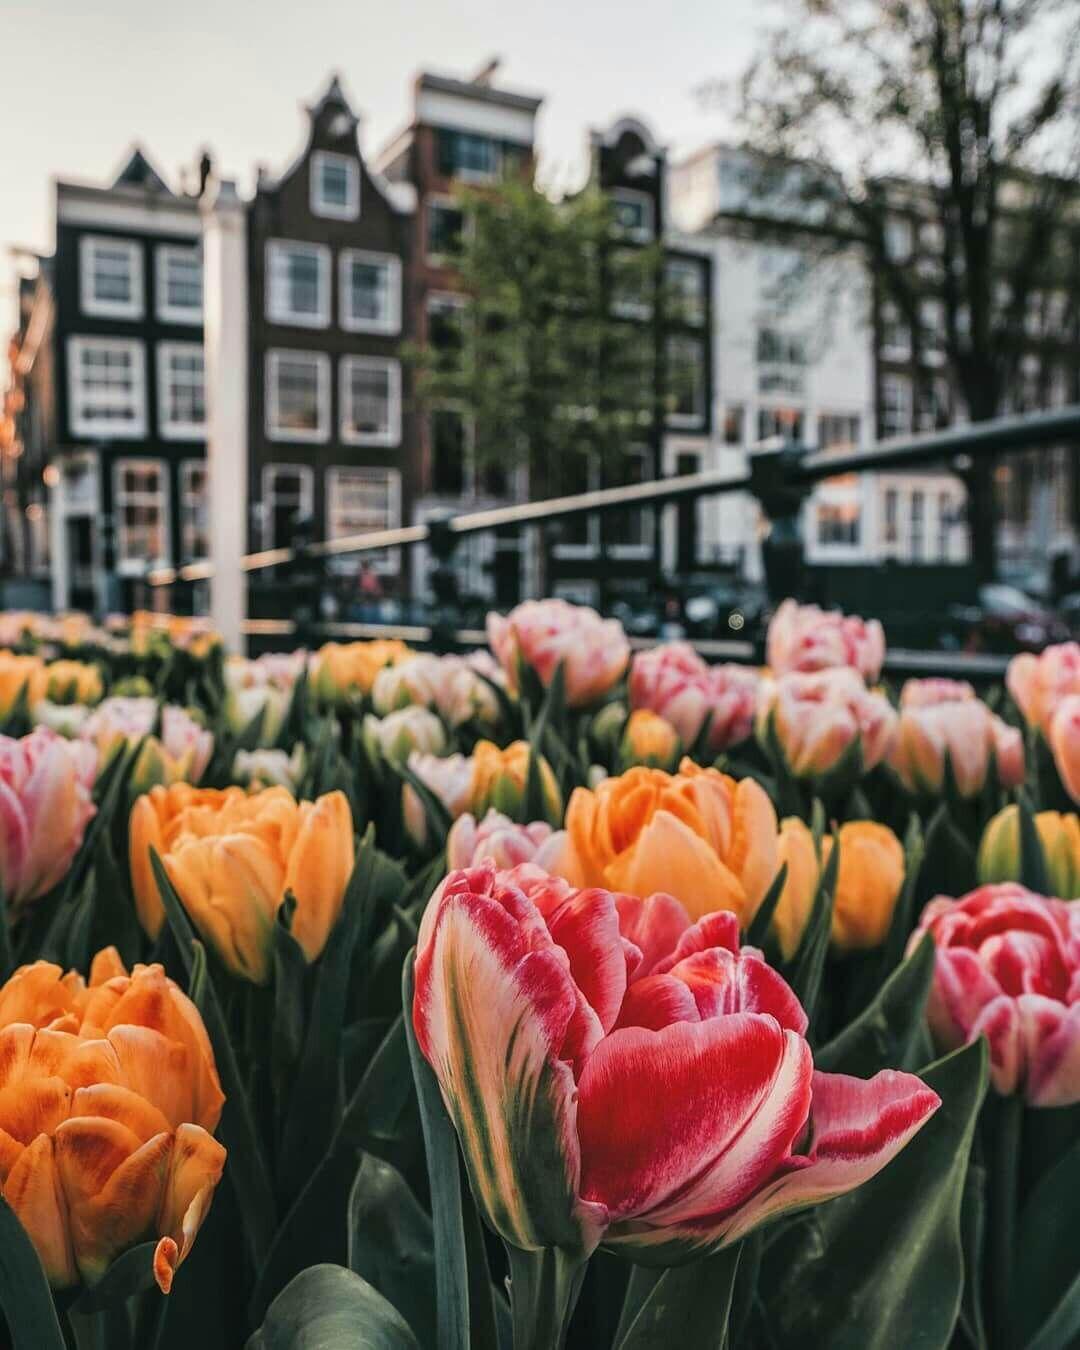 Самые лучшие картинки на телефон тюльпаны (21)